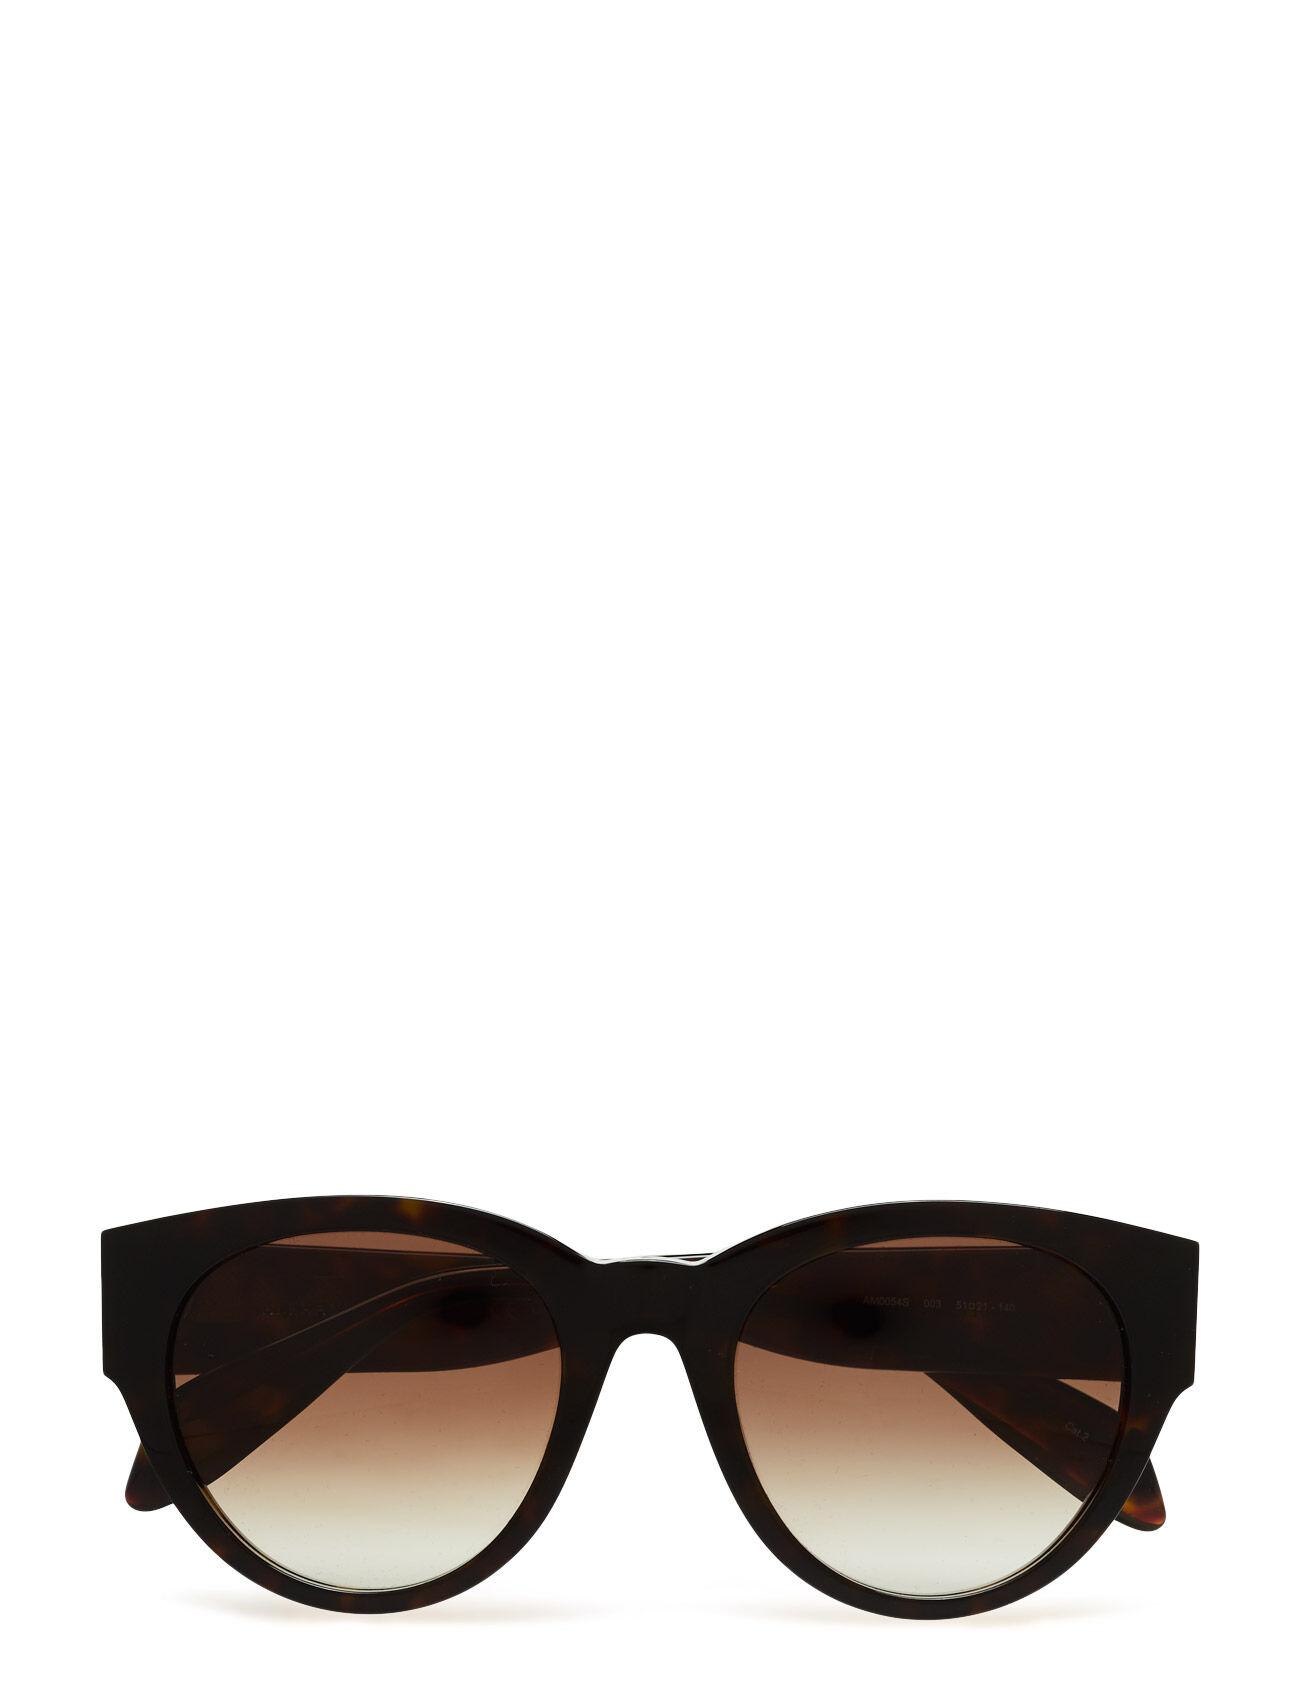 Alexander McQueen Eyewear Am0054s